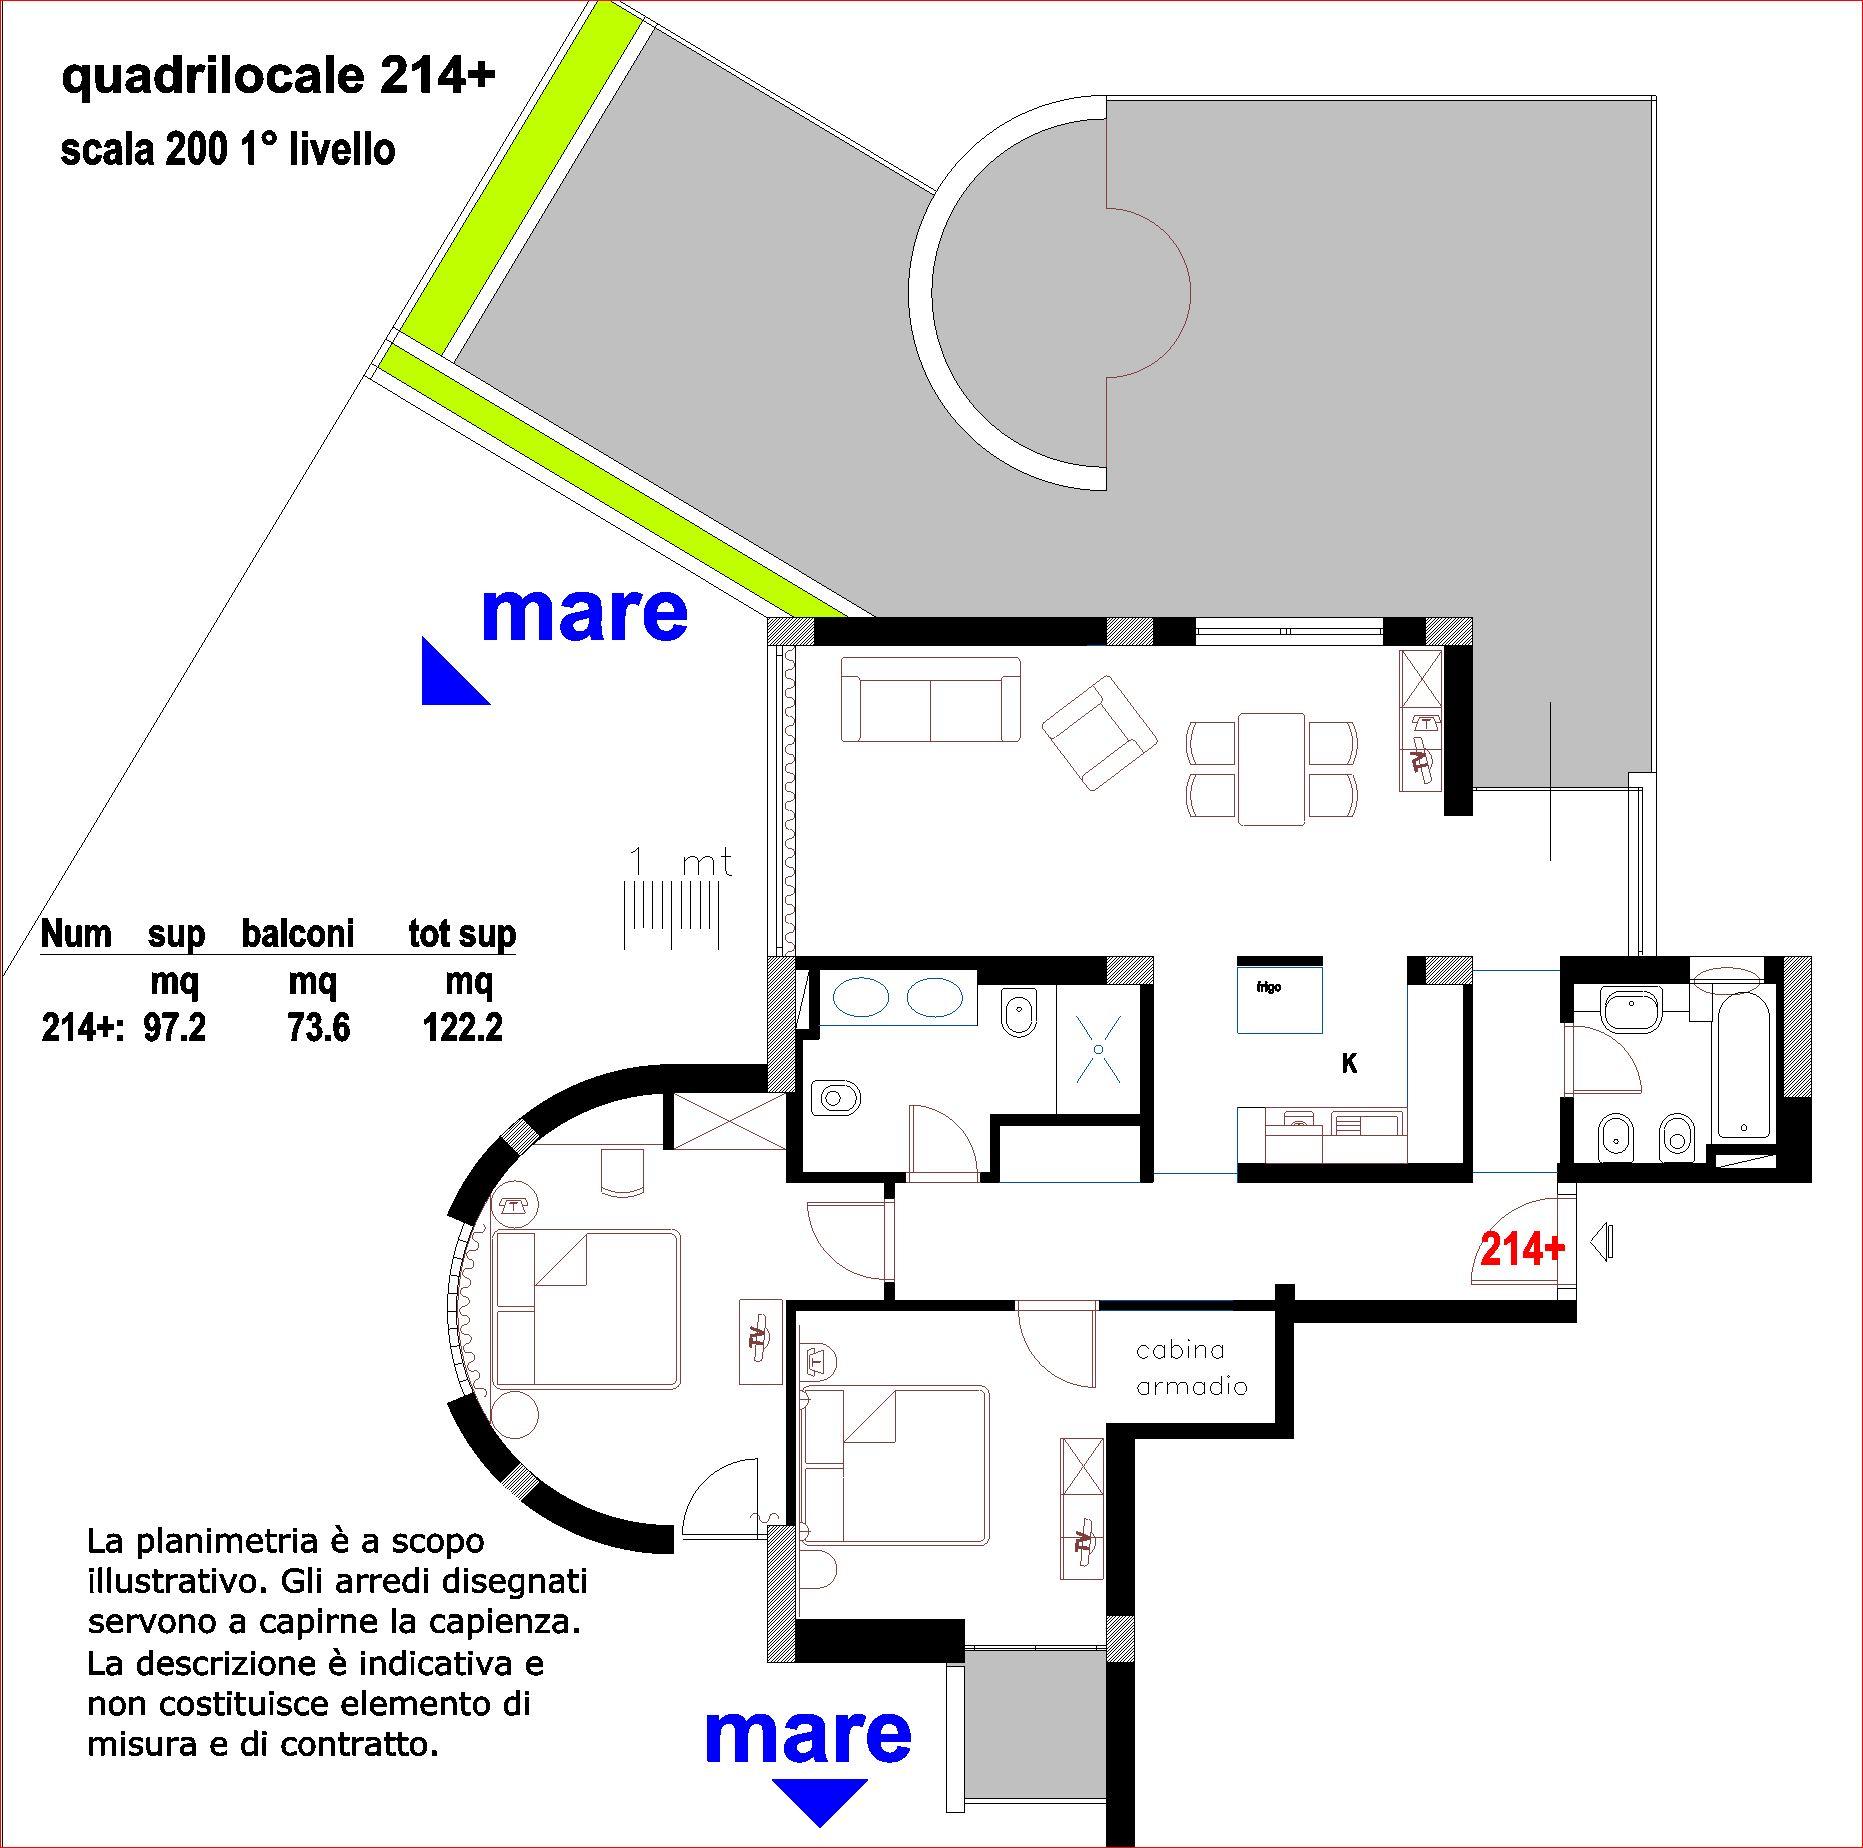 Quadrilocale 214+